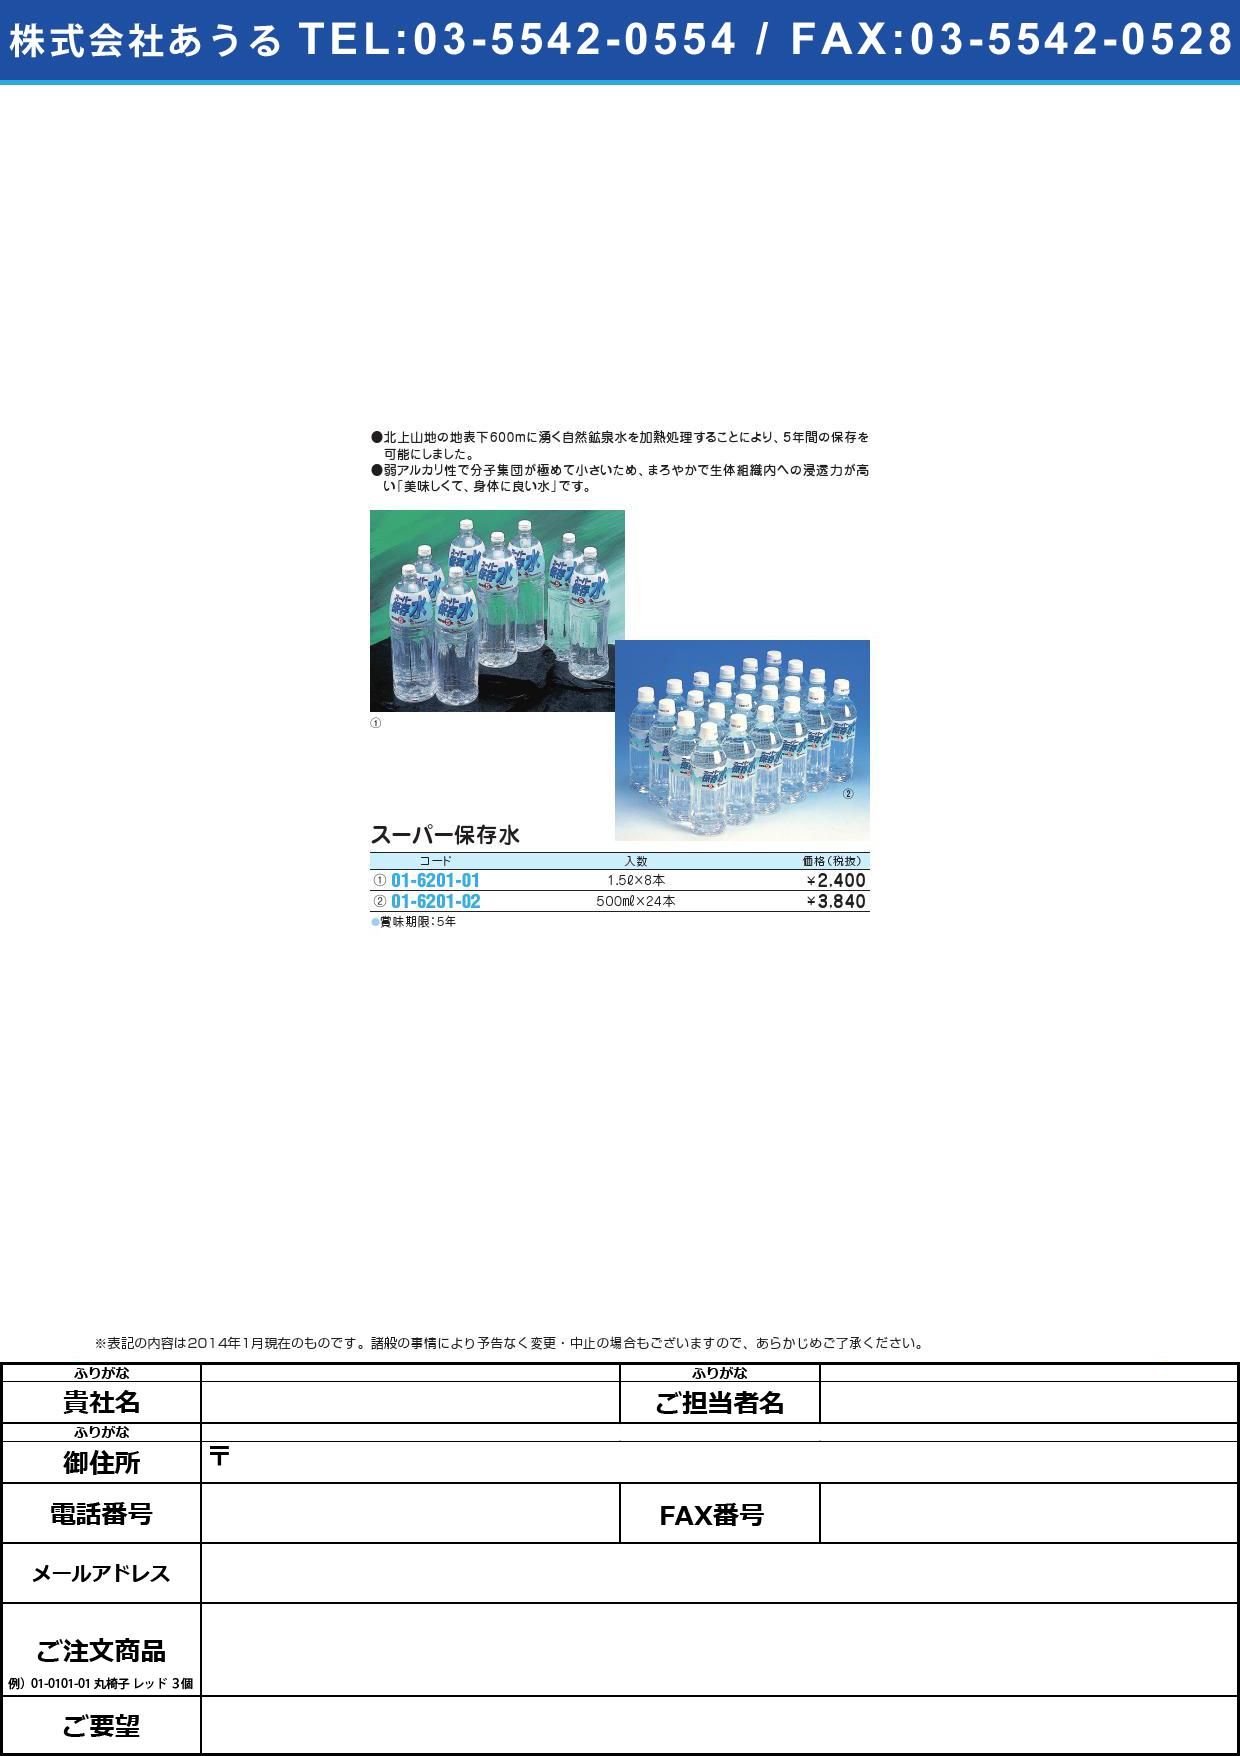 スーパー保存飲料水(賞味期限5年) スーパーホゾンスイ(01-6201-02)2004(500ML)24ホンイリ【1梱単位】